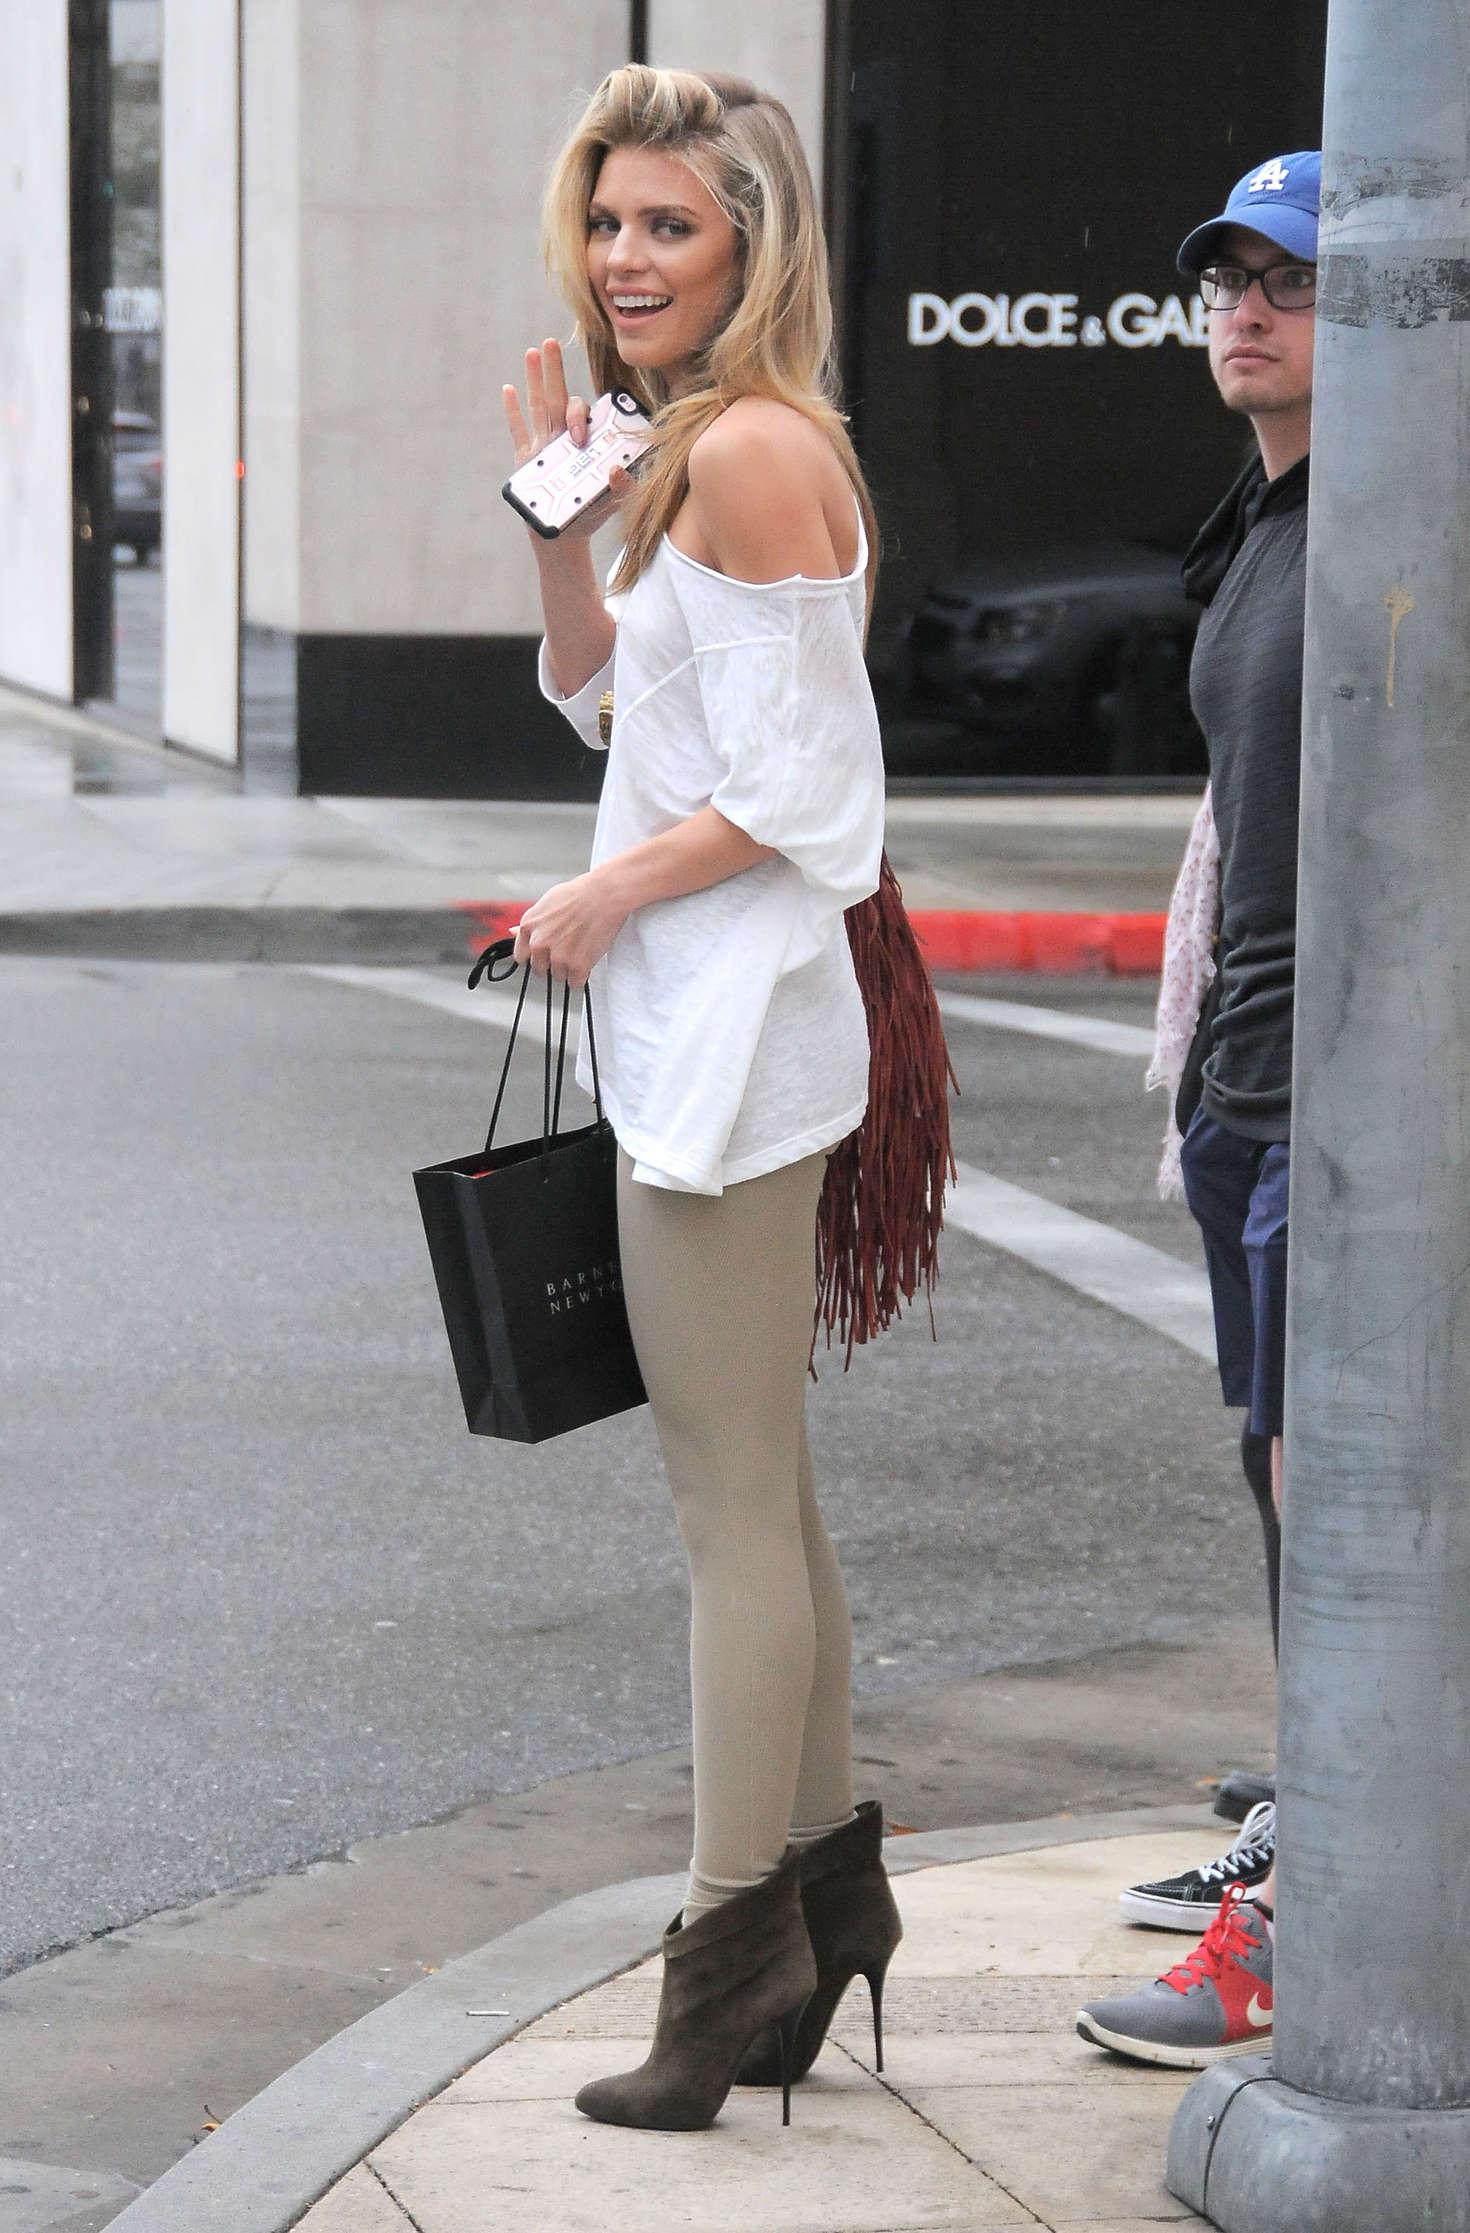 annalynne mccord booty in tights -15 - gotceleb